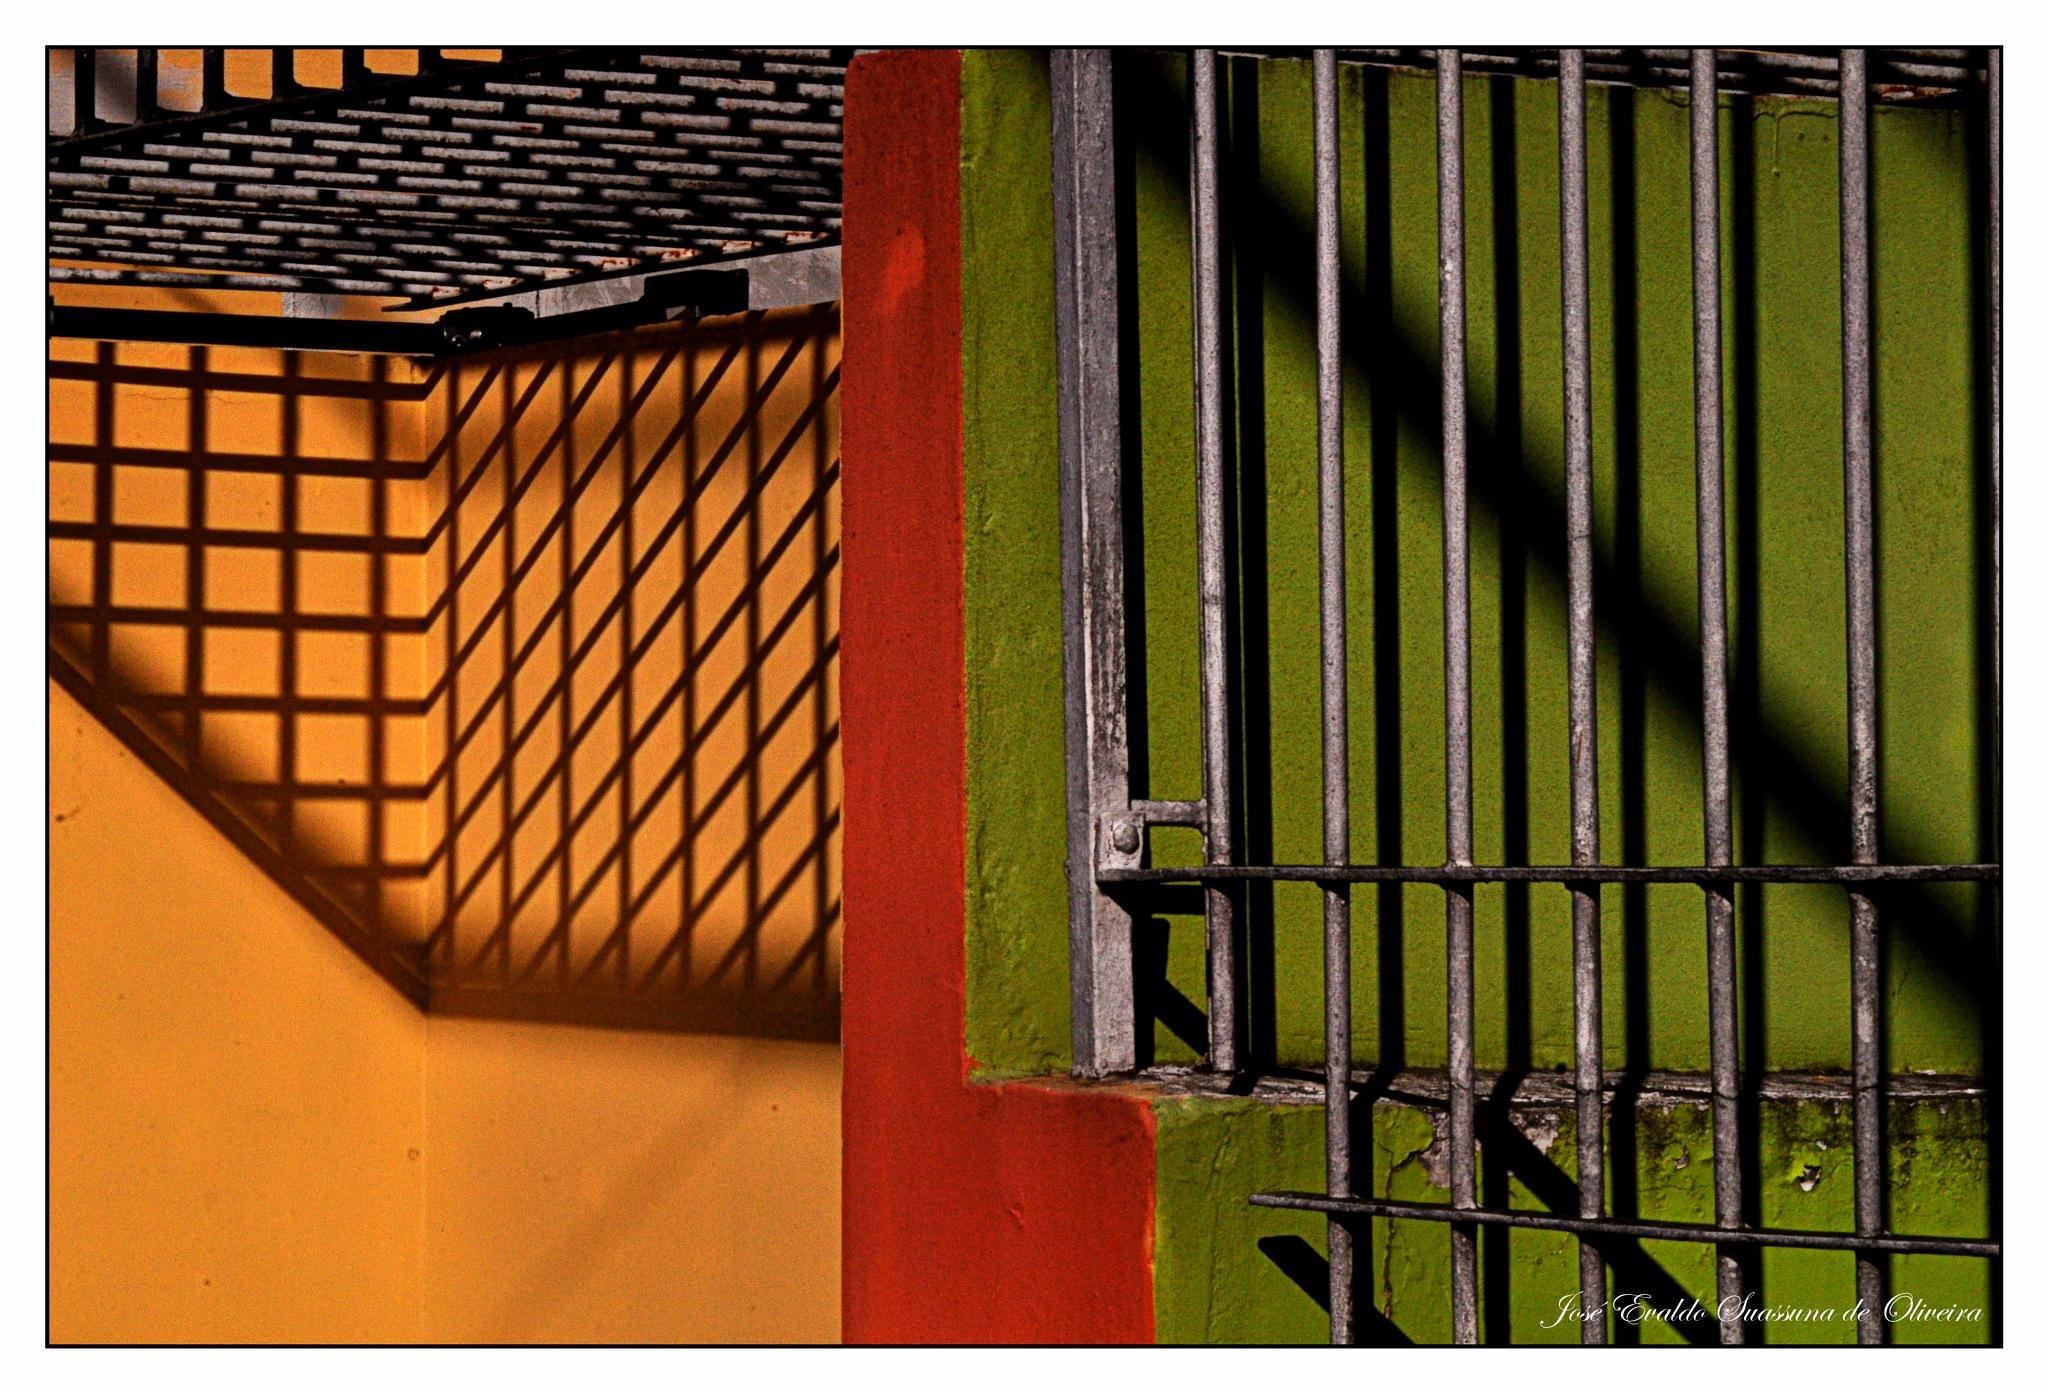 Cor e Sombra by José Evaldo Suassuna de Oliveira